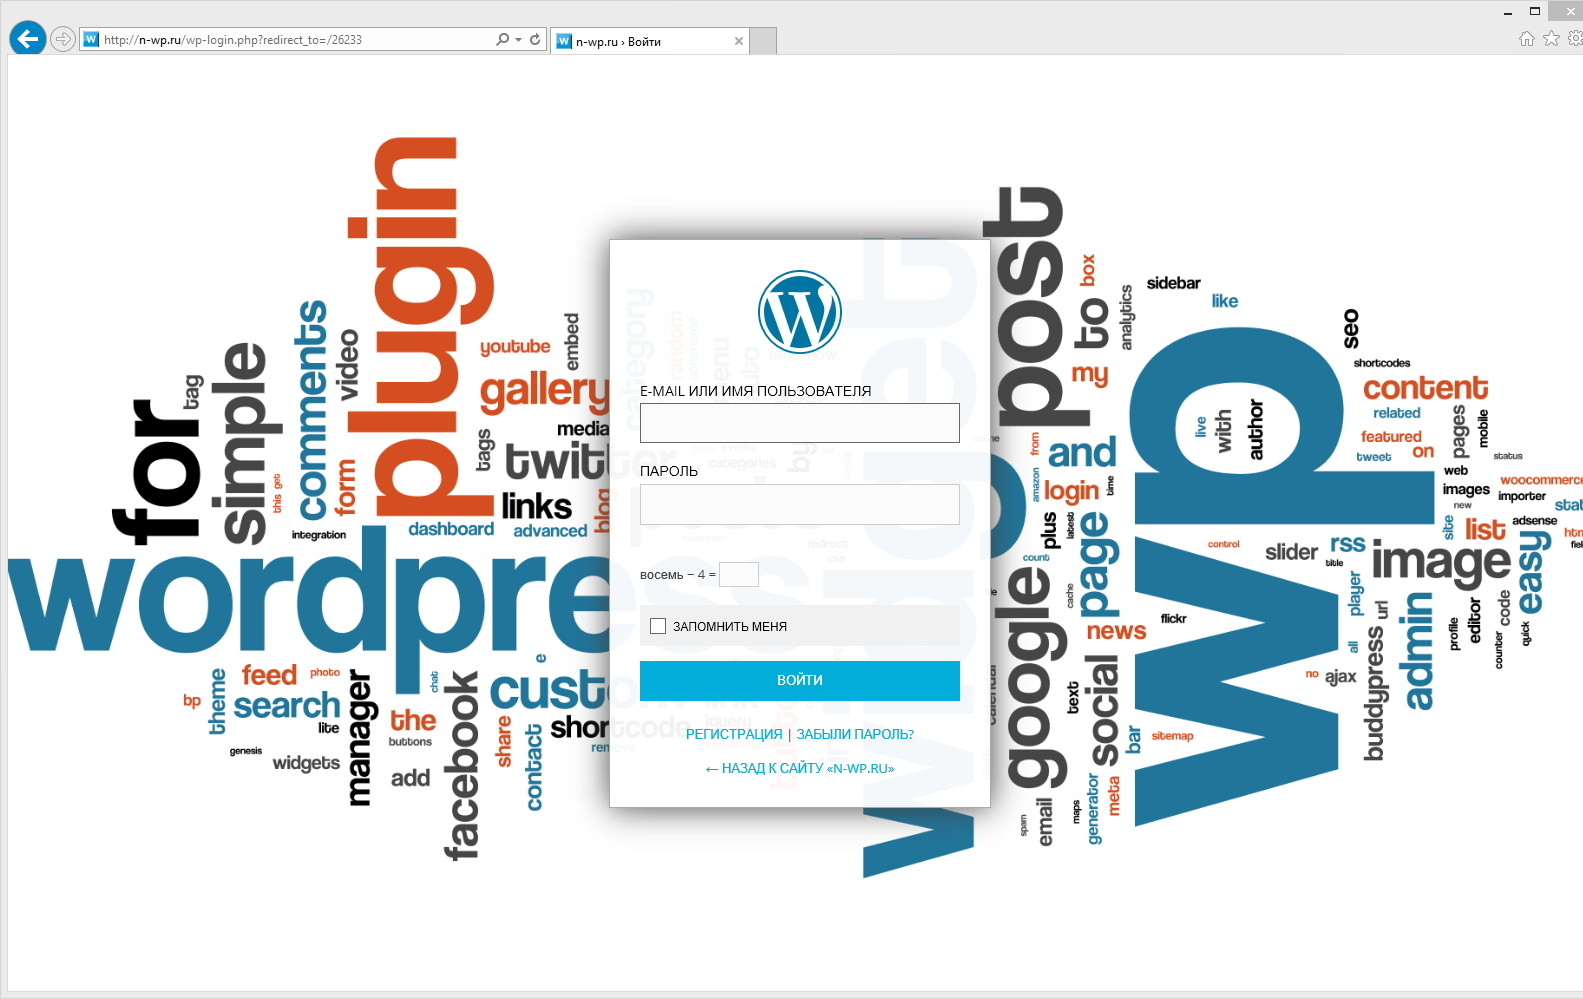 Новая тема оформления сайта | n-wp.ru